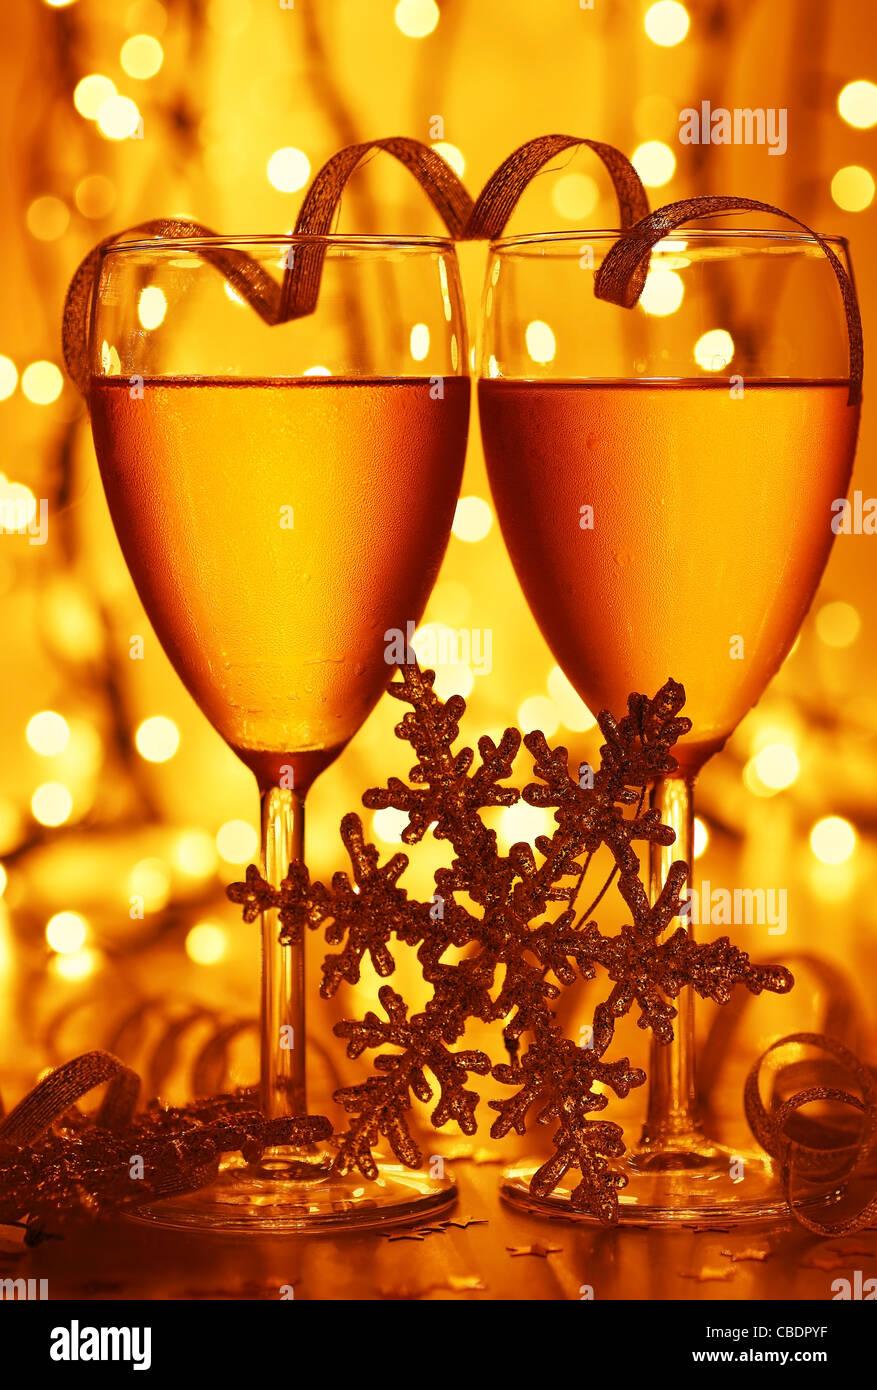 Romantikurlaub Getränk, Feier von Weihnachten oder Silvester, party ...